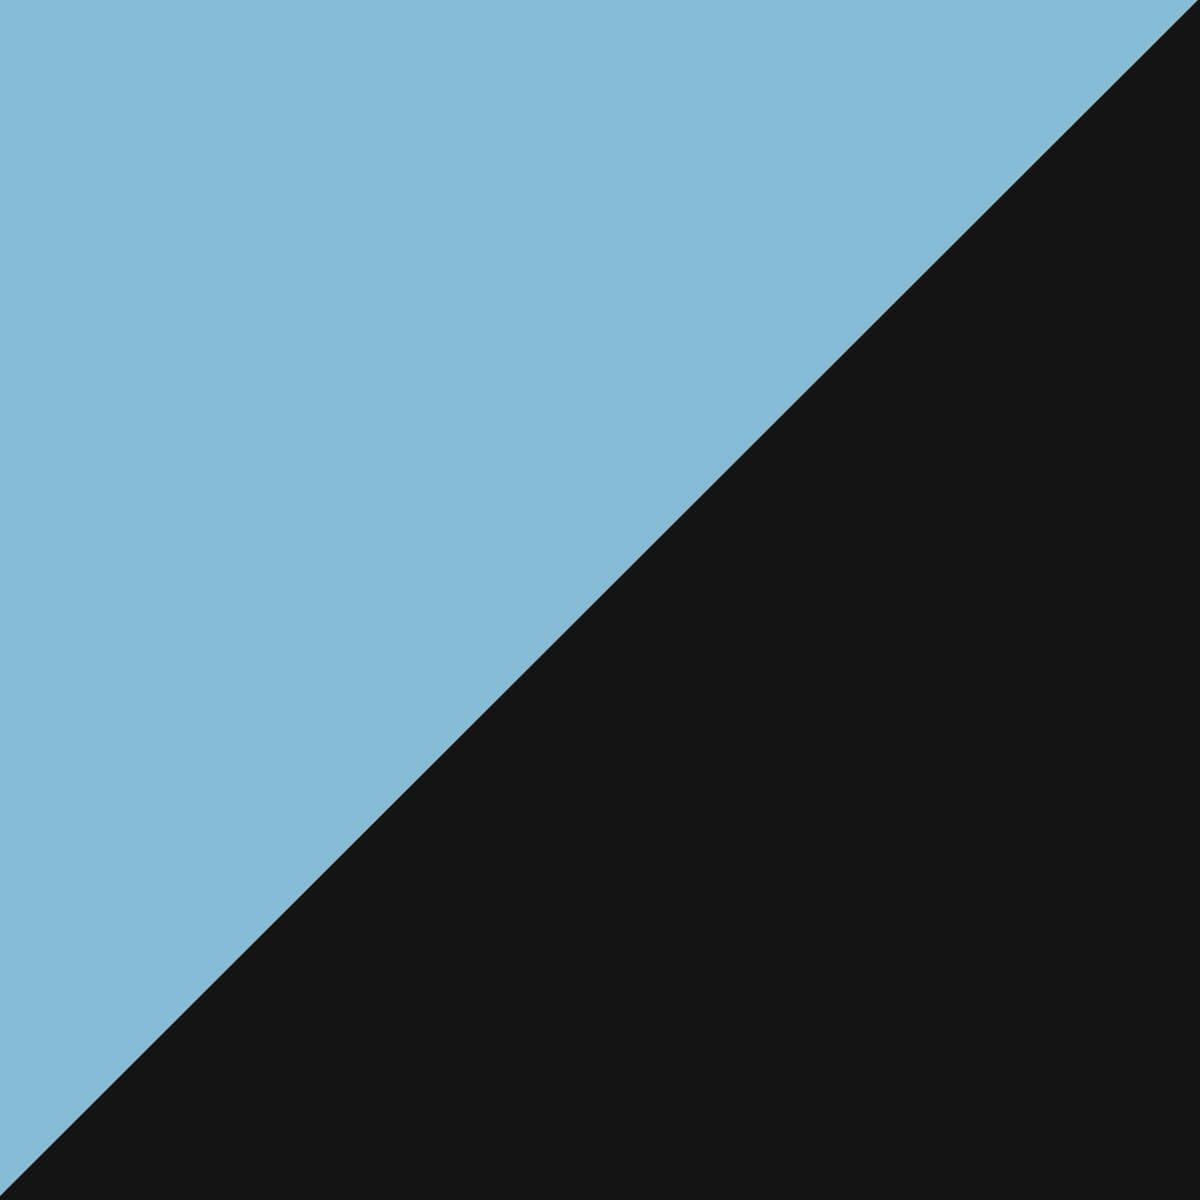 Bleu/Black